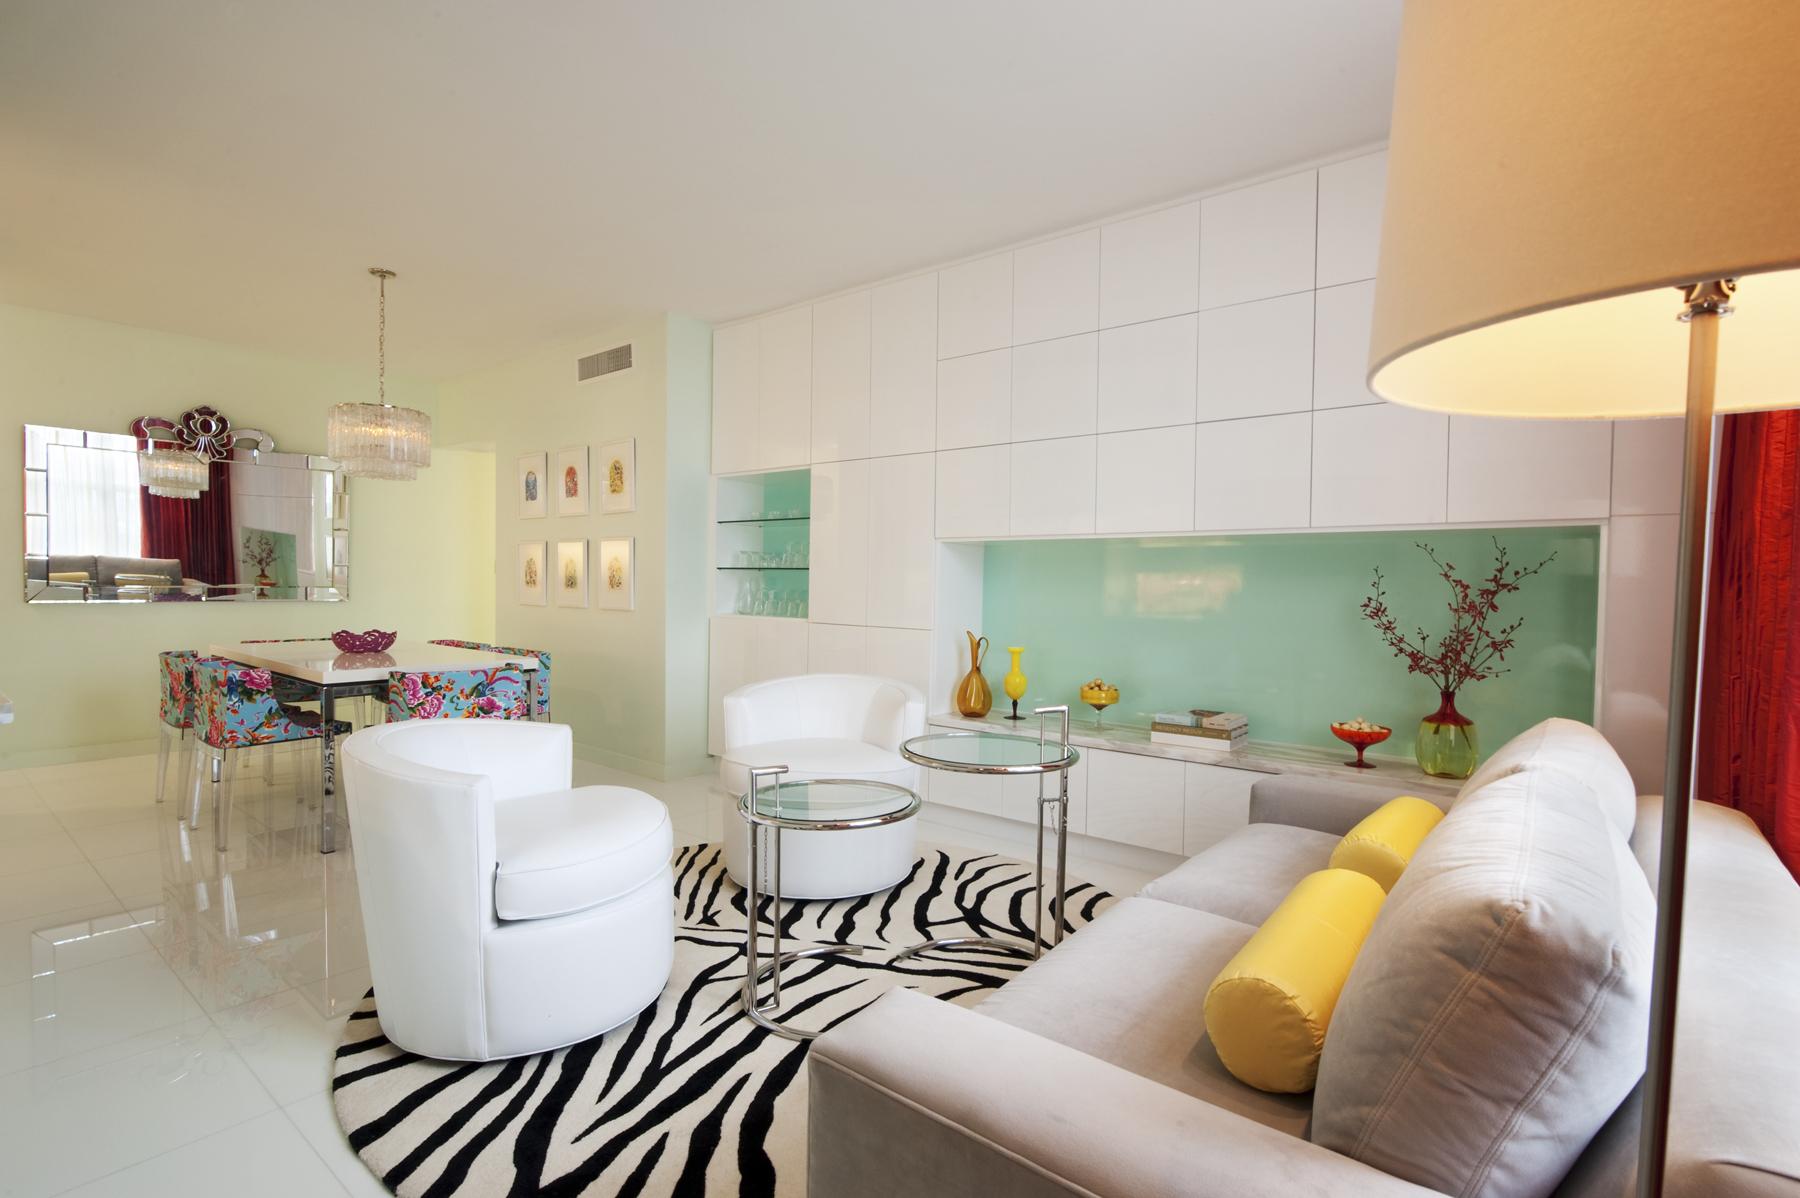 Miami Beach Apartment Avram Rusu Interiors